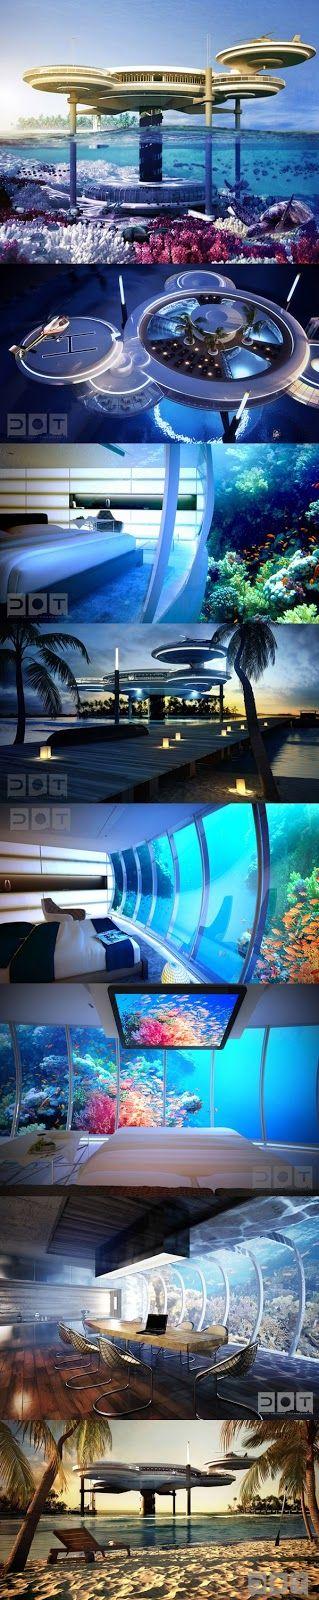 Agua Discus Hotel, Dubai, Emiratos Árabes Unidos (10 Fotos)